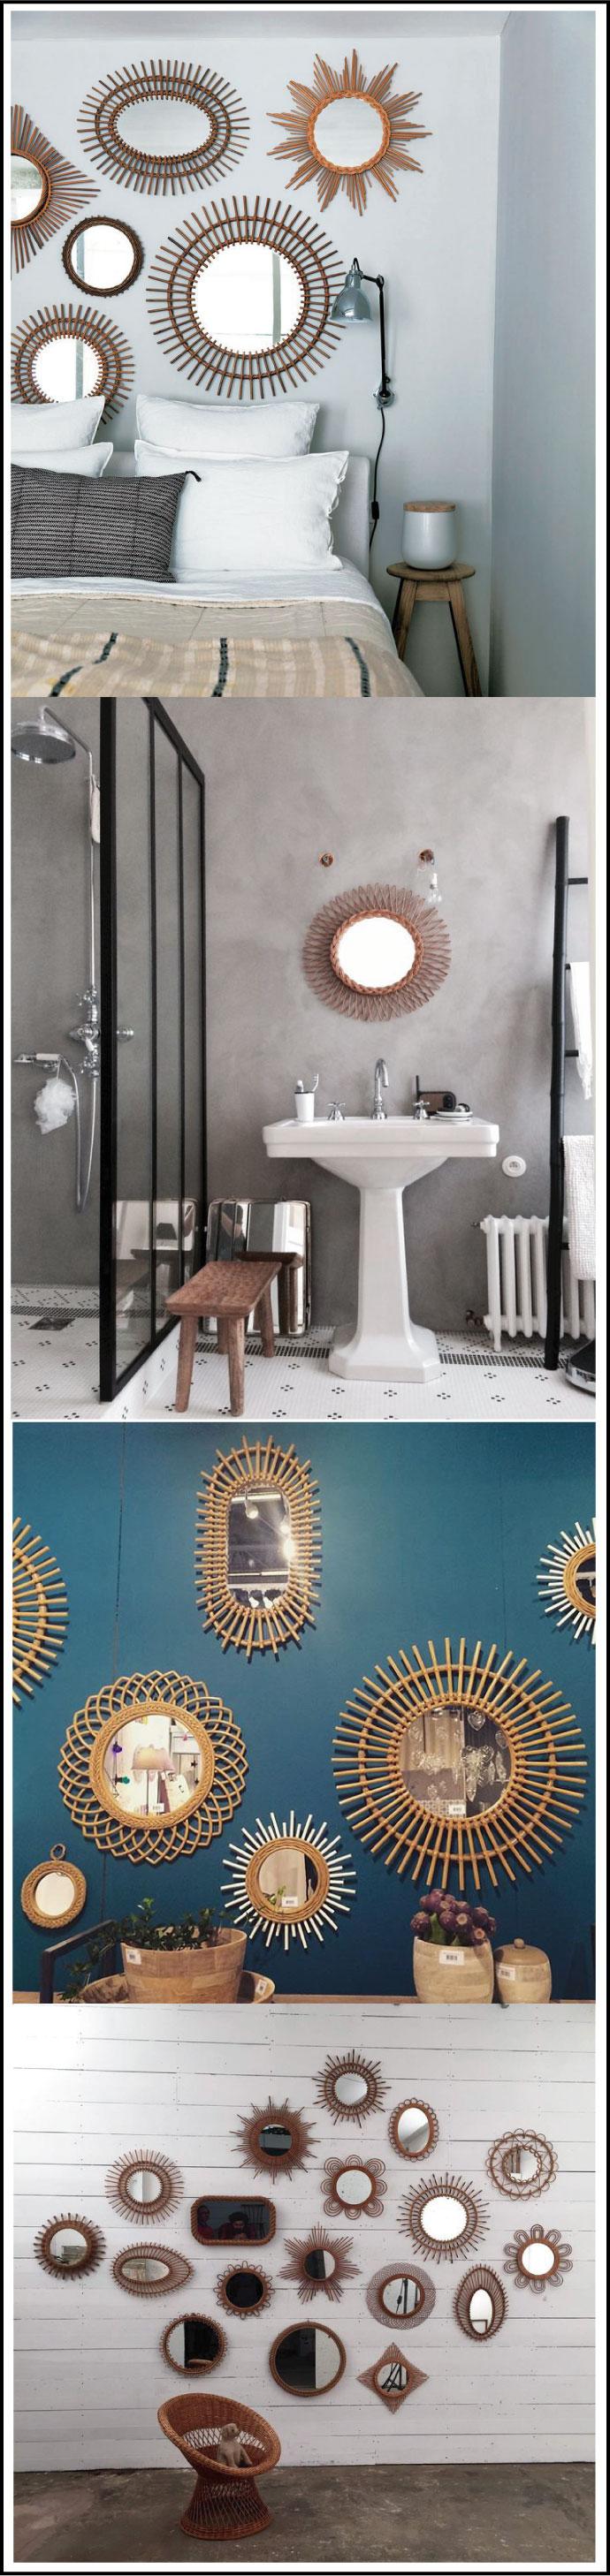 tendance-rotin -osier-miroirs en-rotin-chiara-stella-home